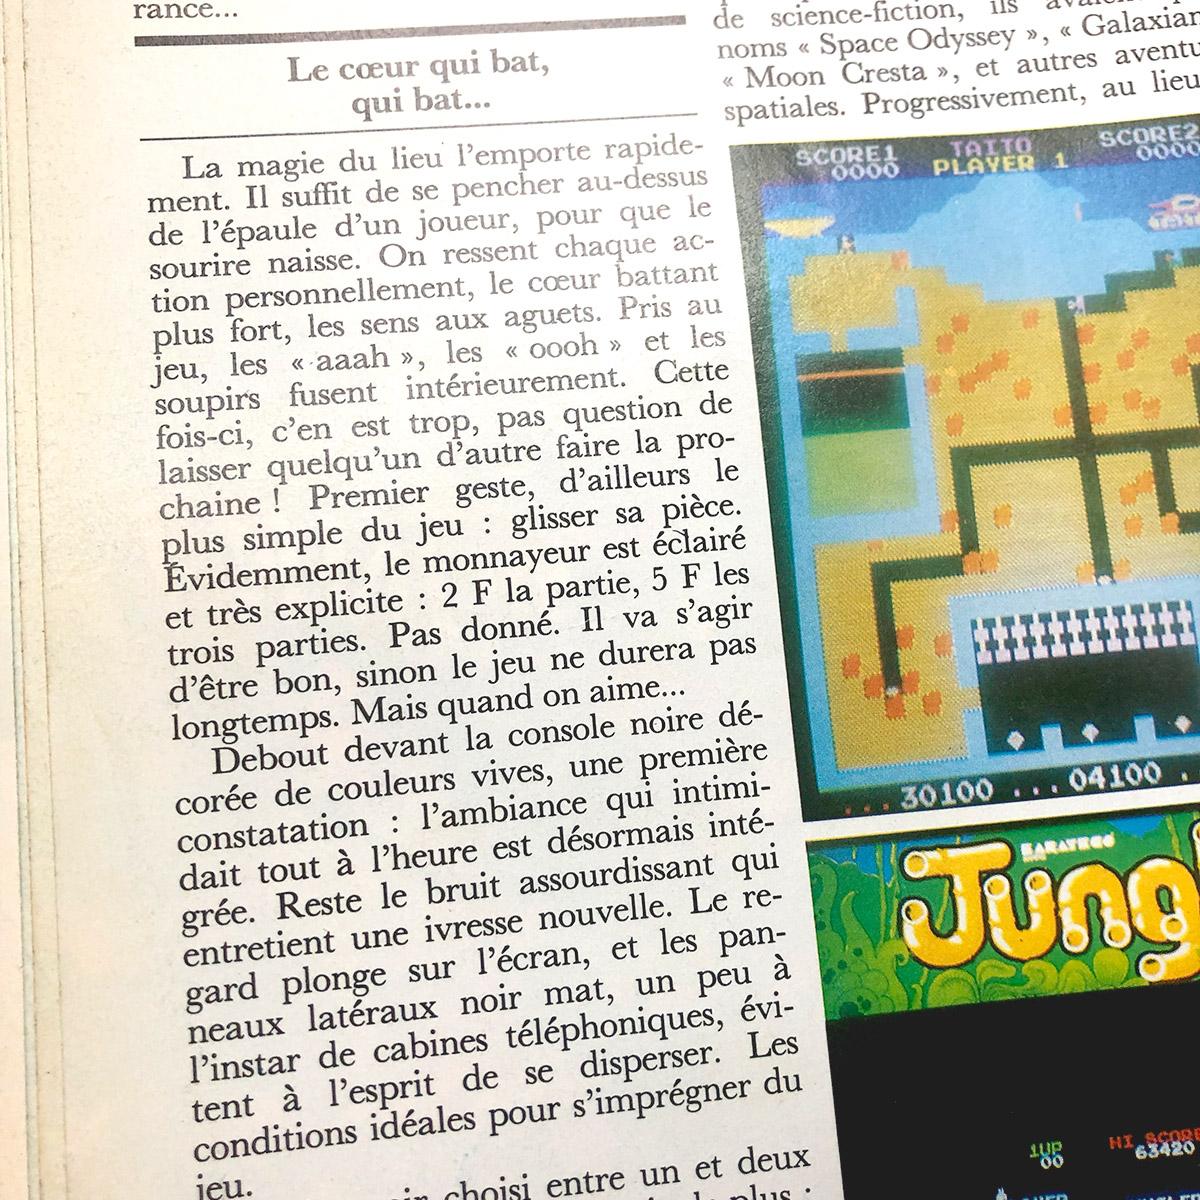 """""""L'ordinateur de jeux"""" de décembre 82 : revue nostalgique ! 1568398568-10"""